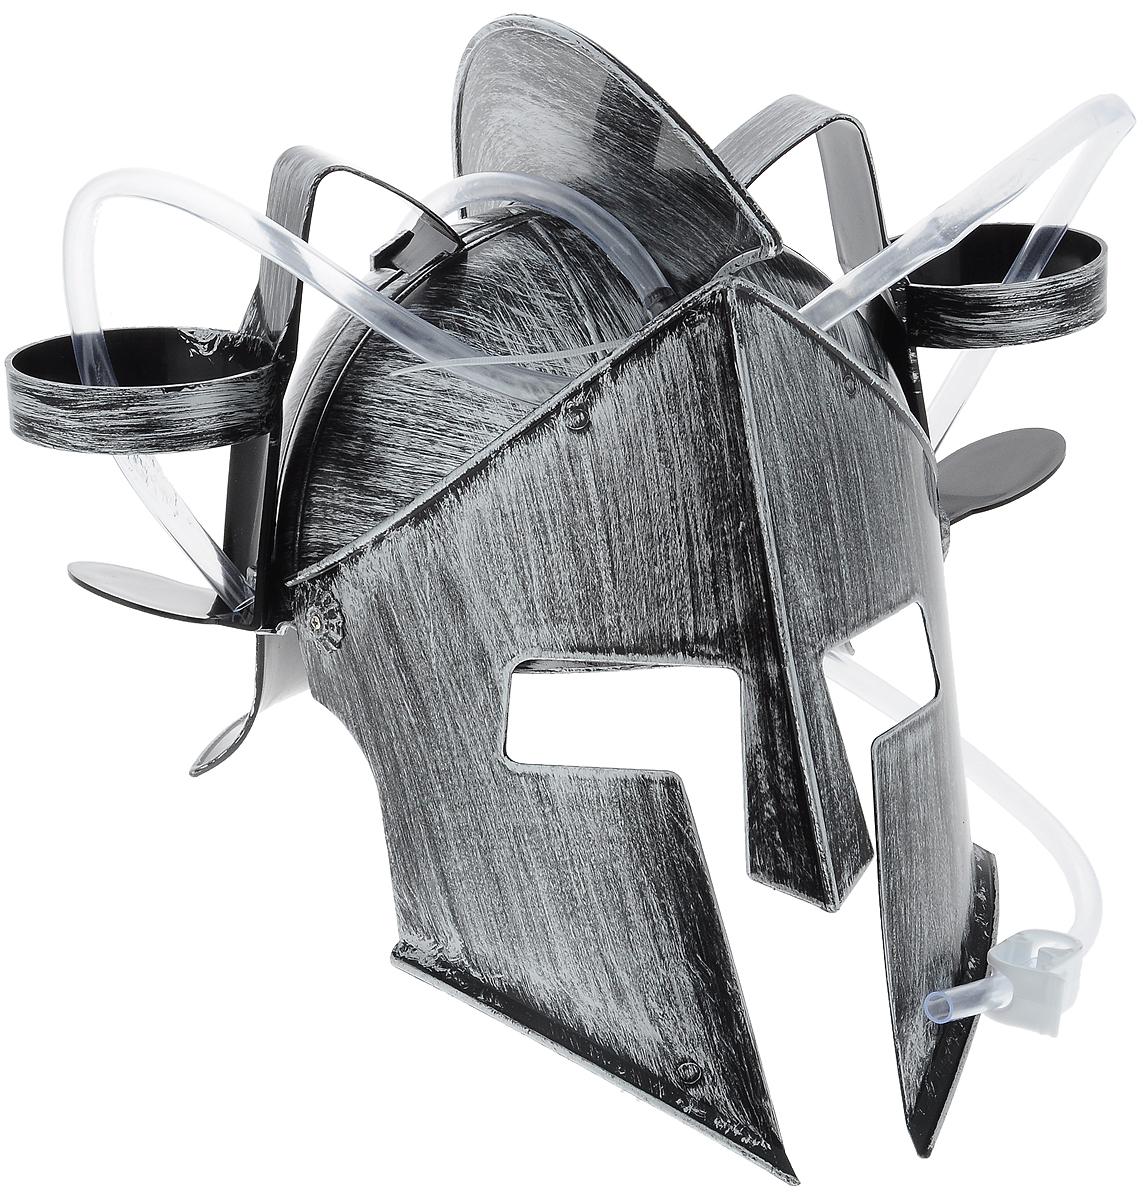 Каска Эврика Рыцарь, с подставками под банки74-0120Мужчина, умеющий оставаться настоящим рыцарем, даже выпивая, определенно заслуживает женского внимания! Чтобы совместить приятное с полезным, былпридуман специальный шлем Эврика Рыцарь. Каска выполнена из пластика и оснащена двумя держателями для банок/бутылок и двумя соединительными трубочками, благодаря которым можно смешивать два различных напитка в виде коктейля. Такая каска станет отличным решением для карнавала, дружеской вечеринки или в качестве амуниции болельщика на стадионе Загрузи голову и освободи руки! Рекомендуется использовать для употребления полезных напитков. Диаметр подставки для банки: 7 см.